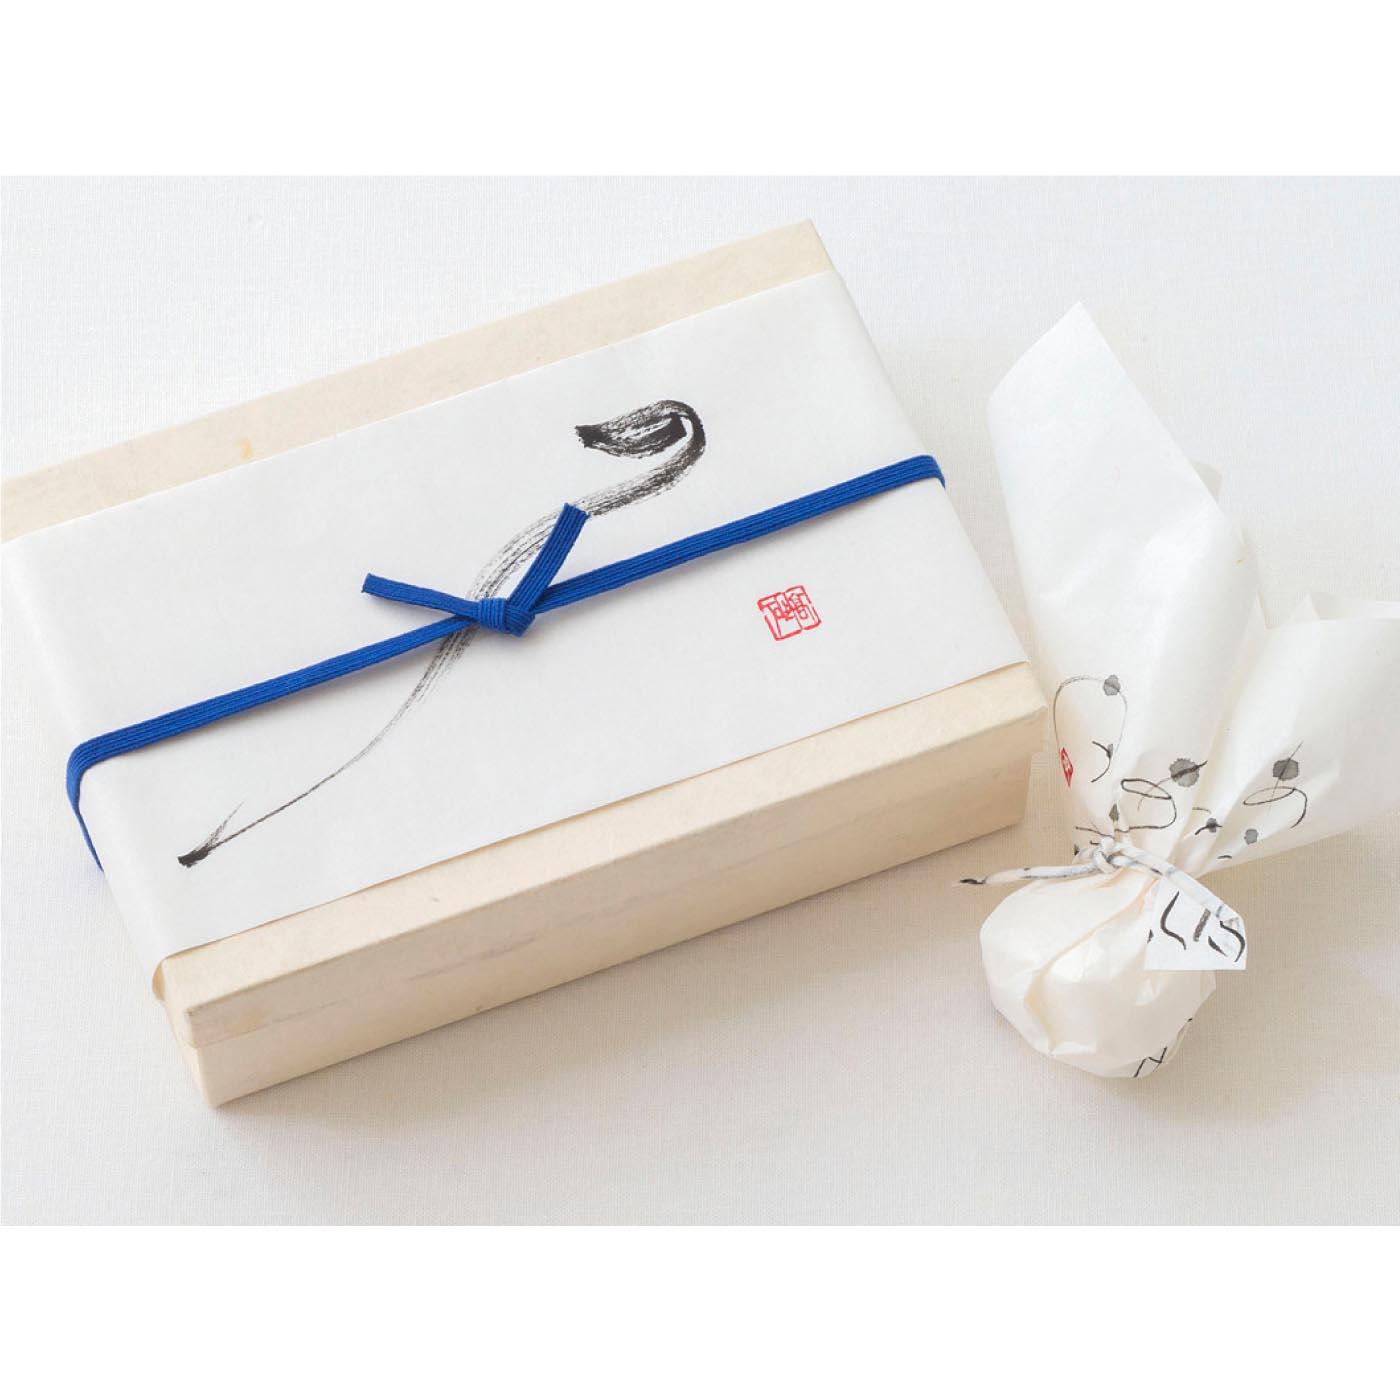 贈る ~オリジナルのしと包装紙で贈る。